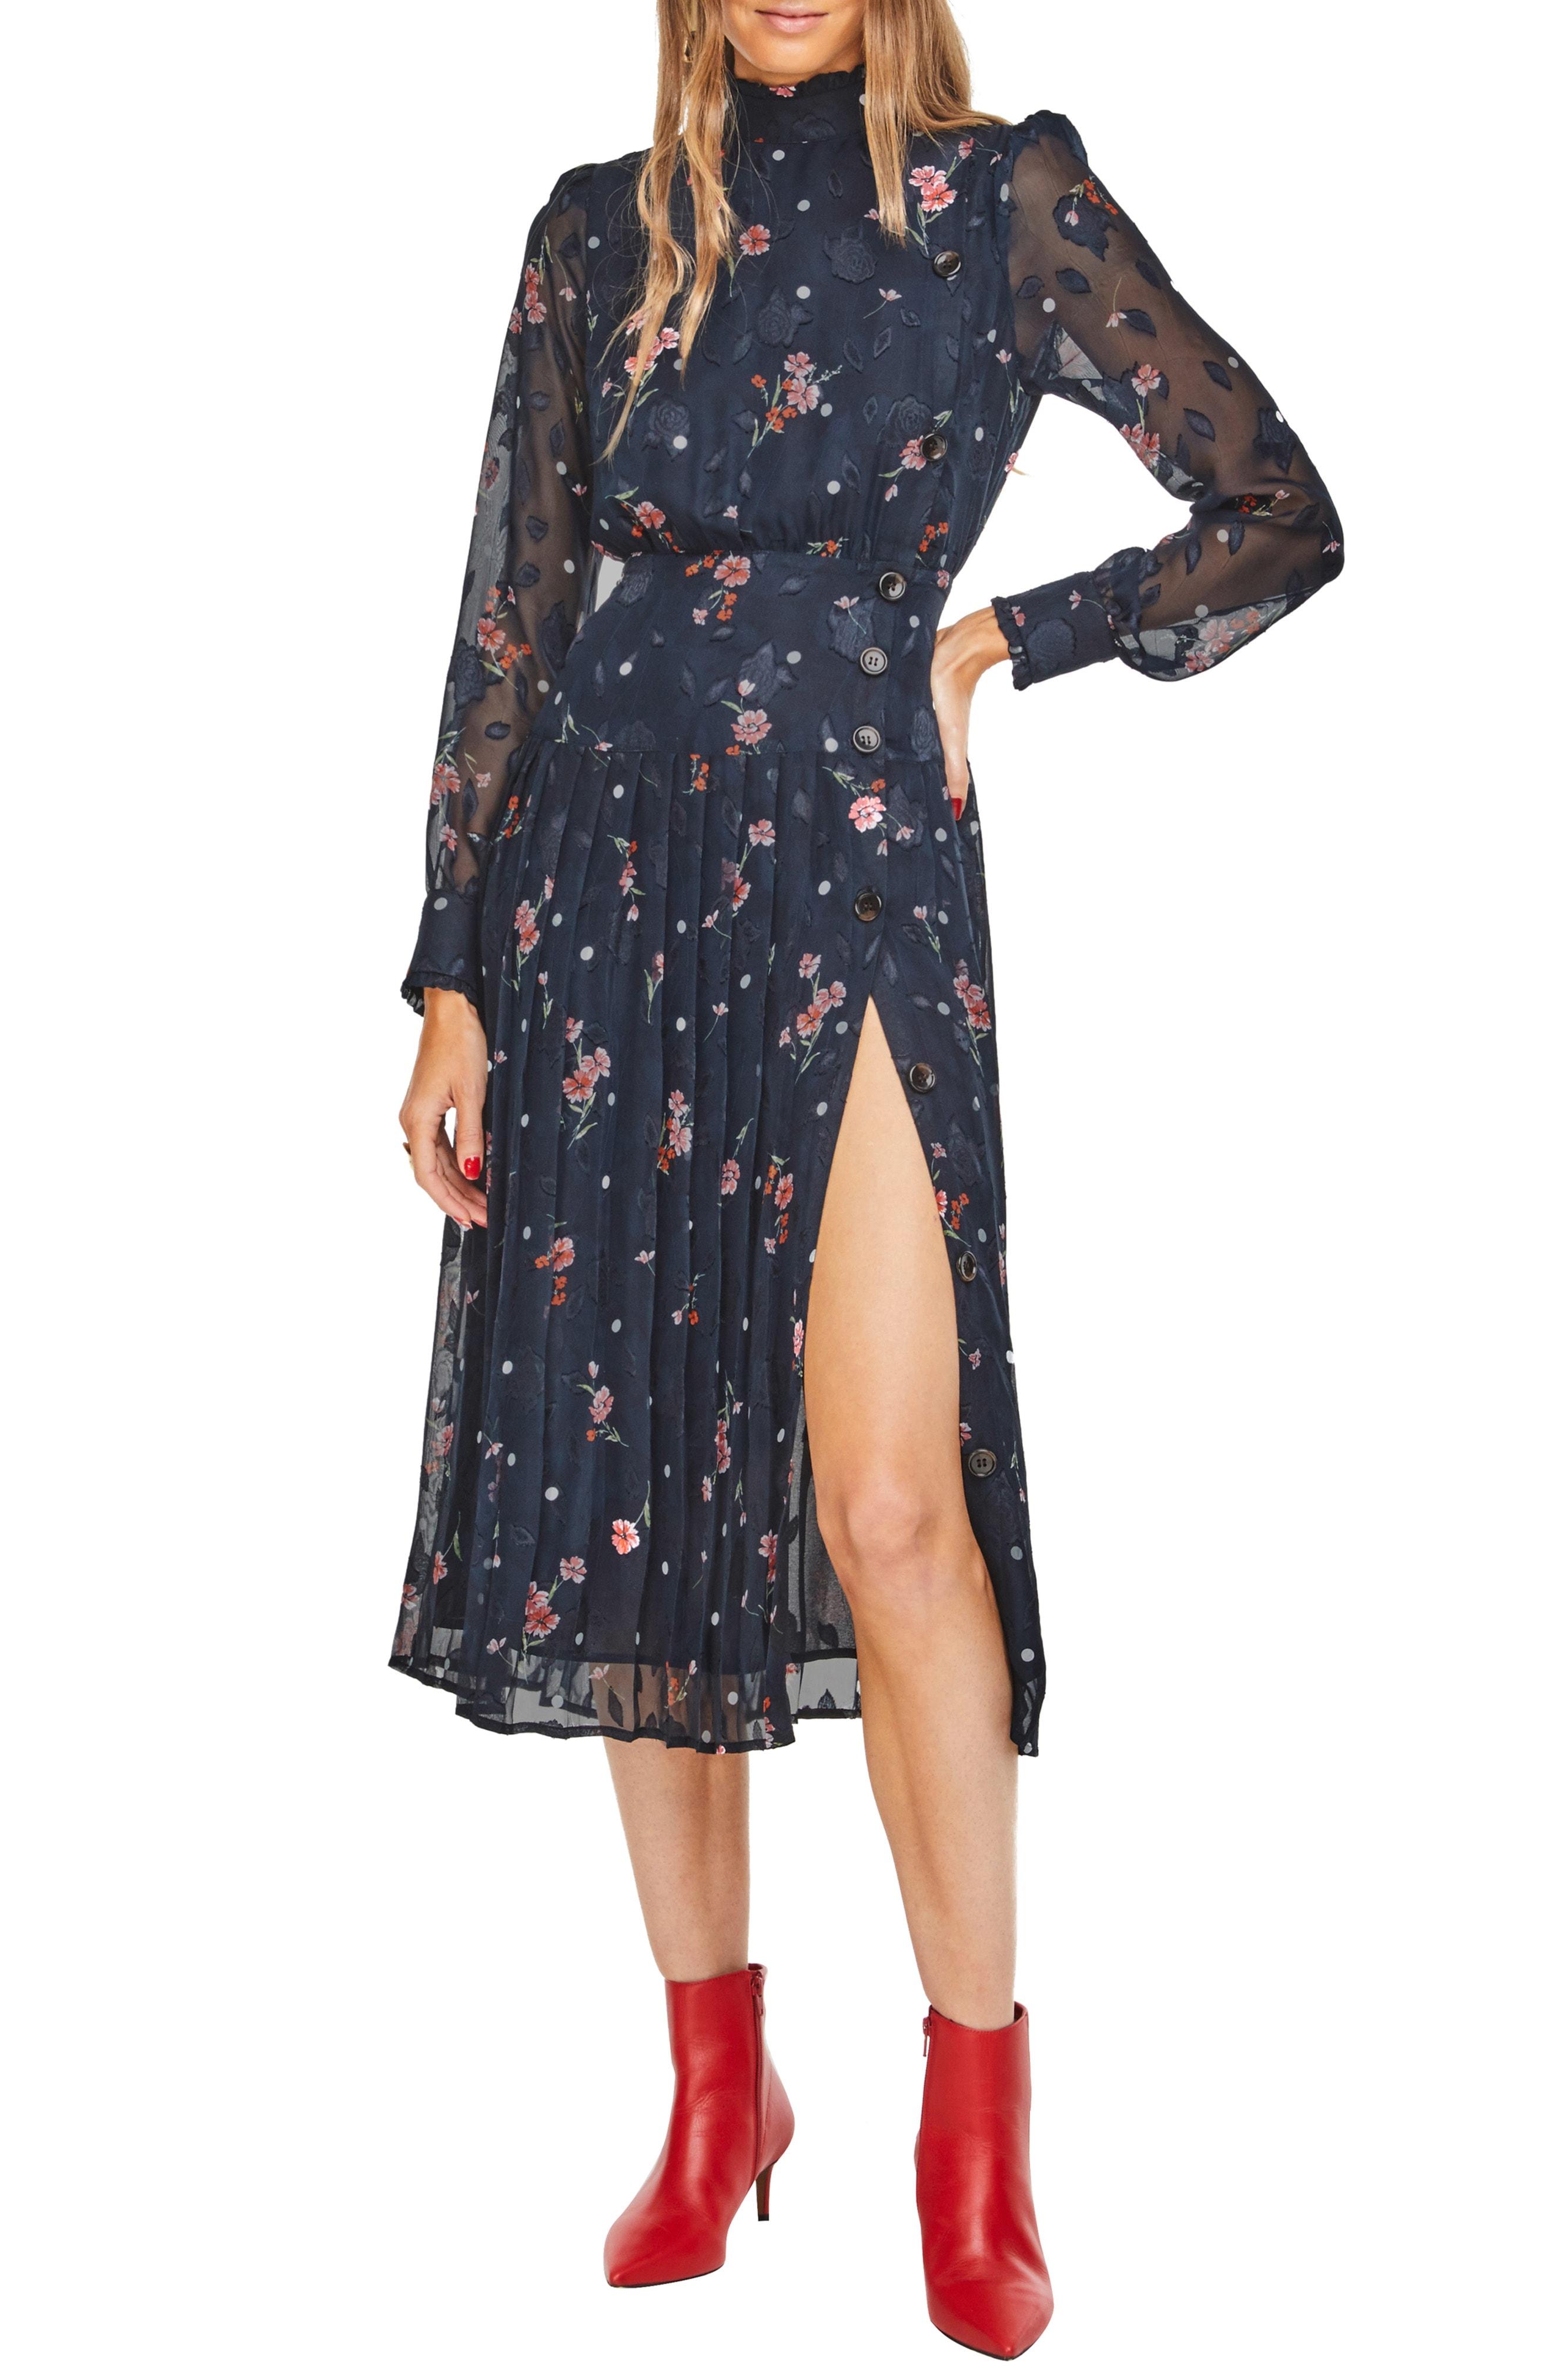 ASTR the Label Spencer Floral Appliqu Dress